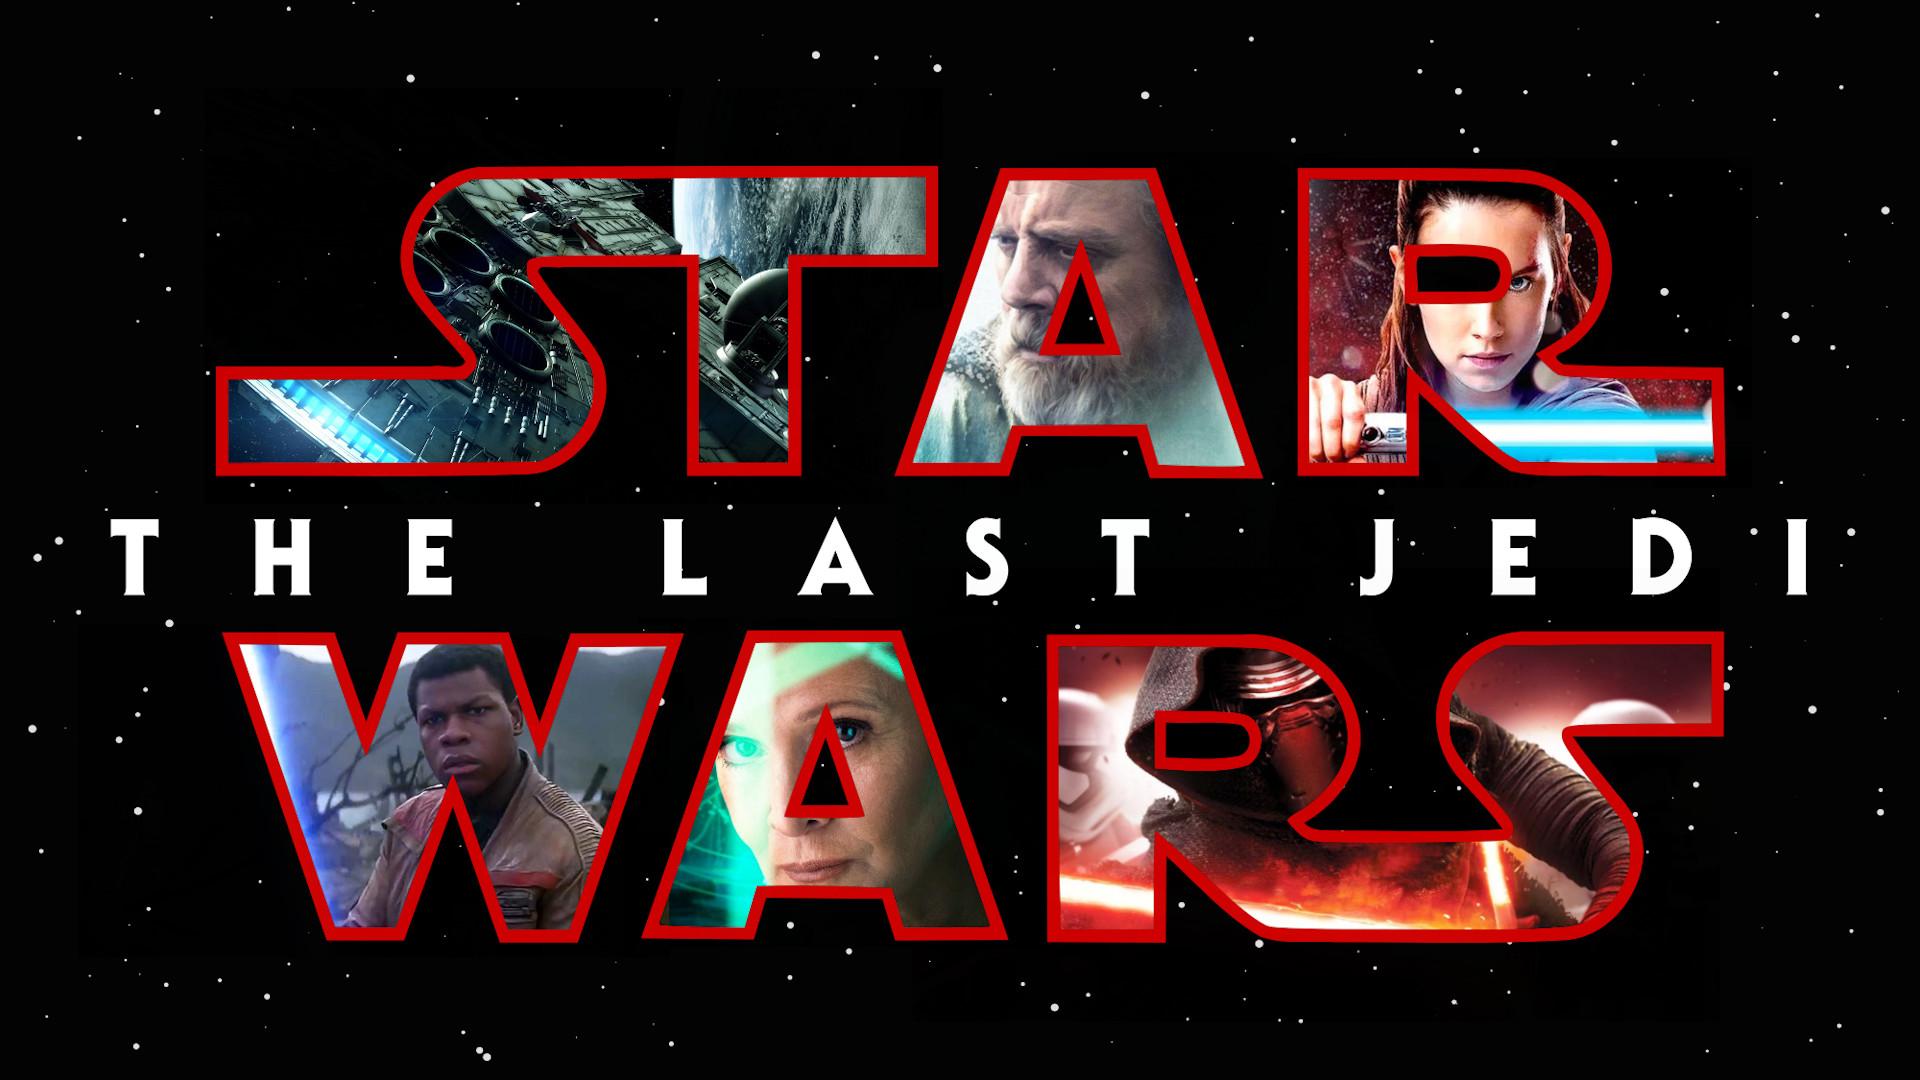 Movie – Star Wars Episode VIII: The Last Jedi Star Wars Wallpaper